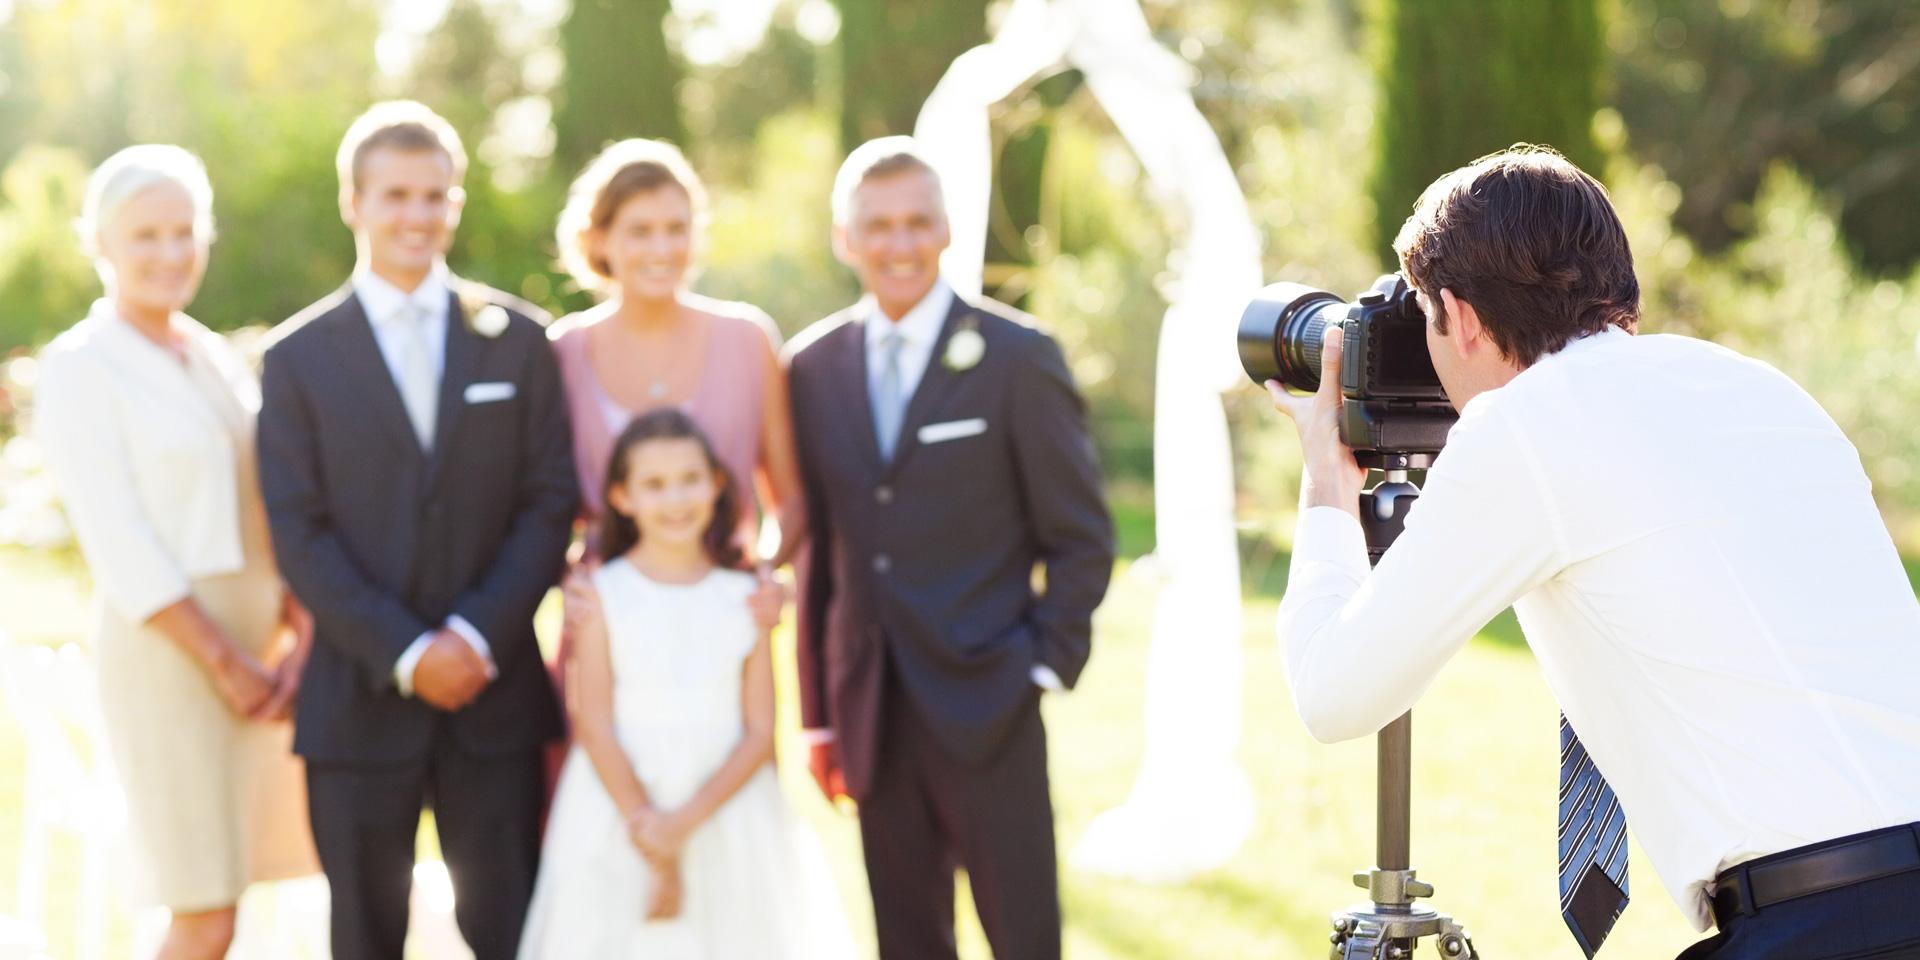 Photographe à un mariage qui prend en photo la famille et les demoiselles d'honneur